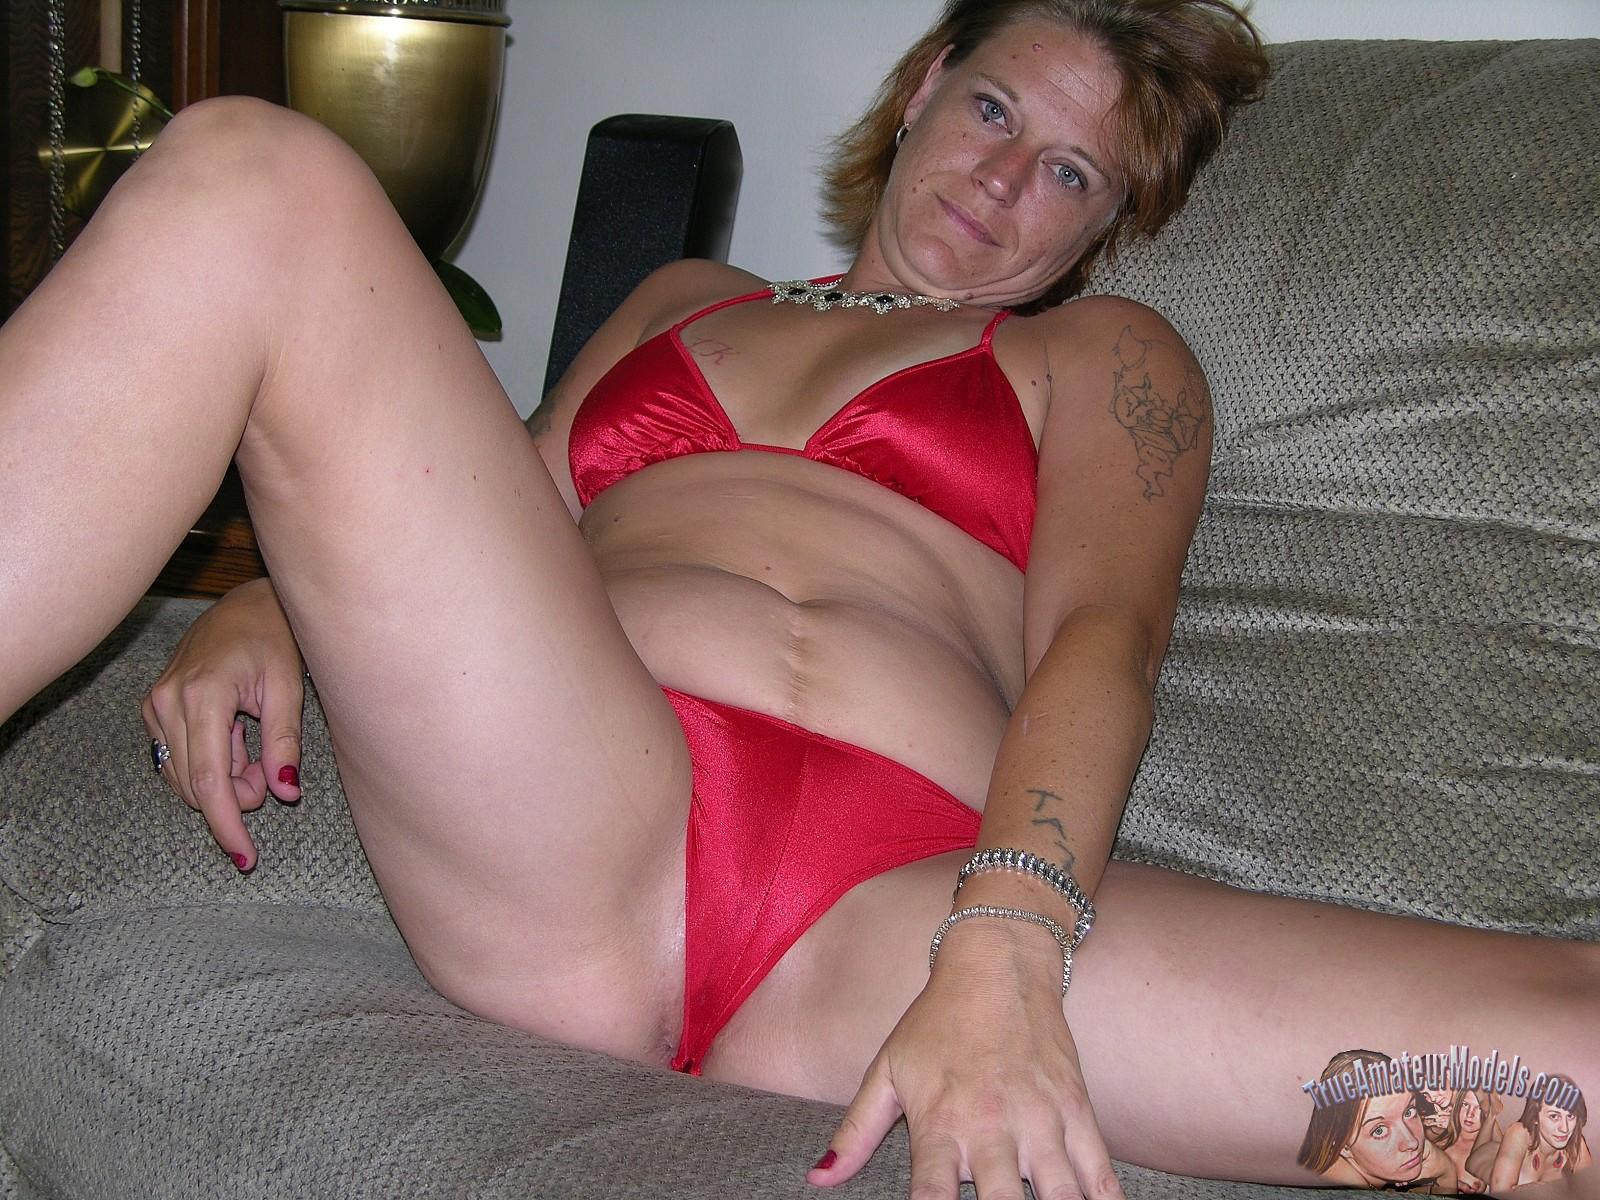 Mature real authentic amateur porn pictures